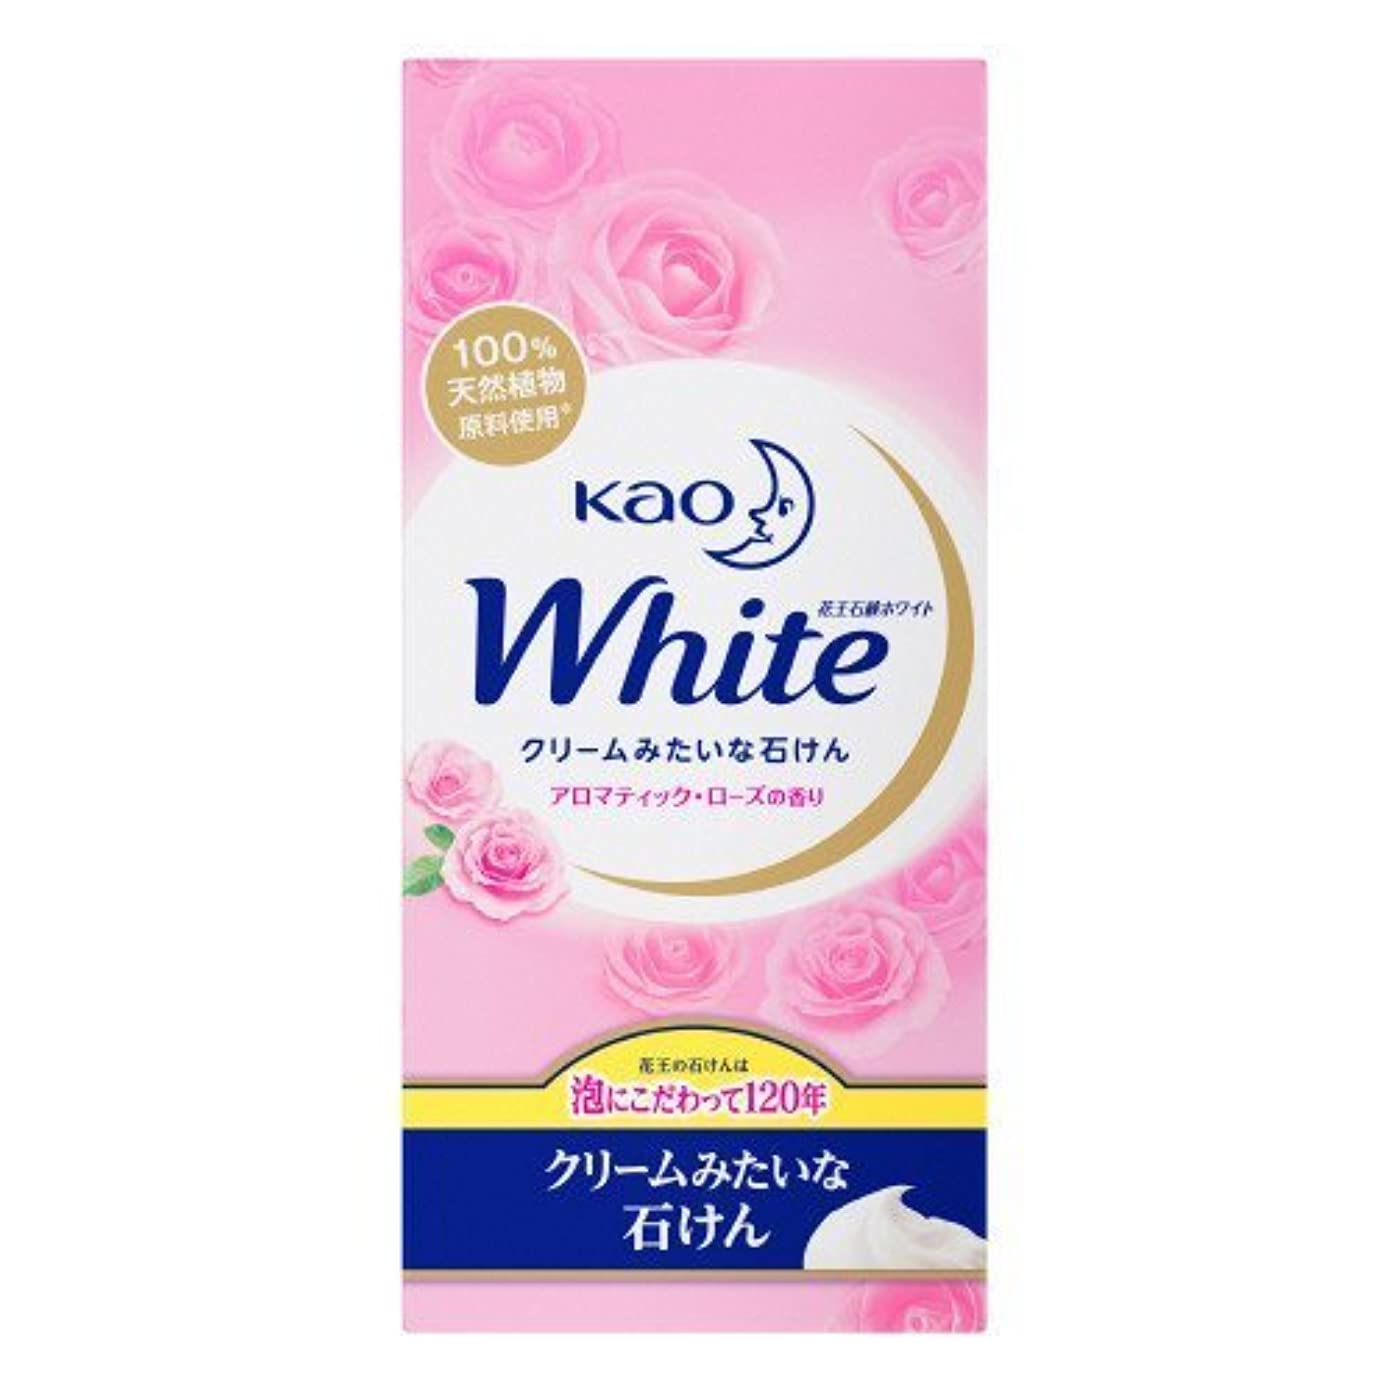 モーター迫害する頻繁に【花王】花王ホワイト アロマティックローズの香りレギュラーサイズ (85g×6個) ×10個セット